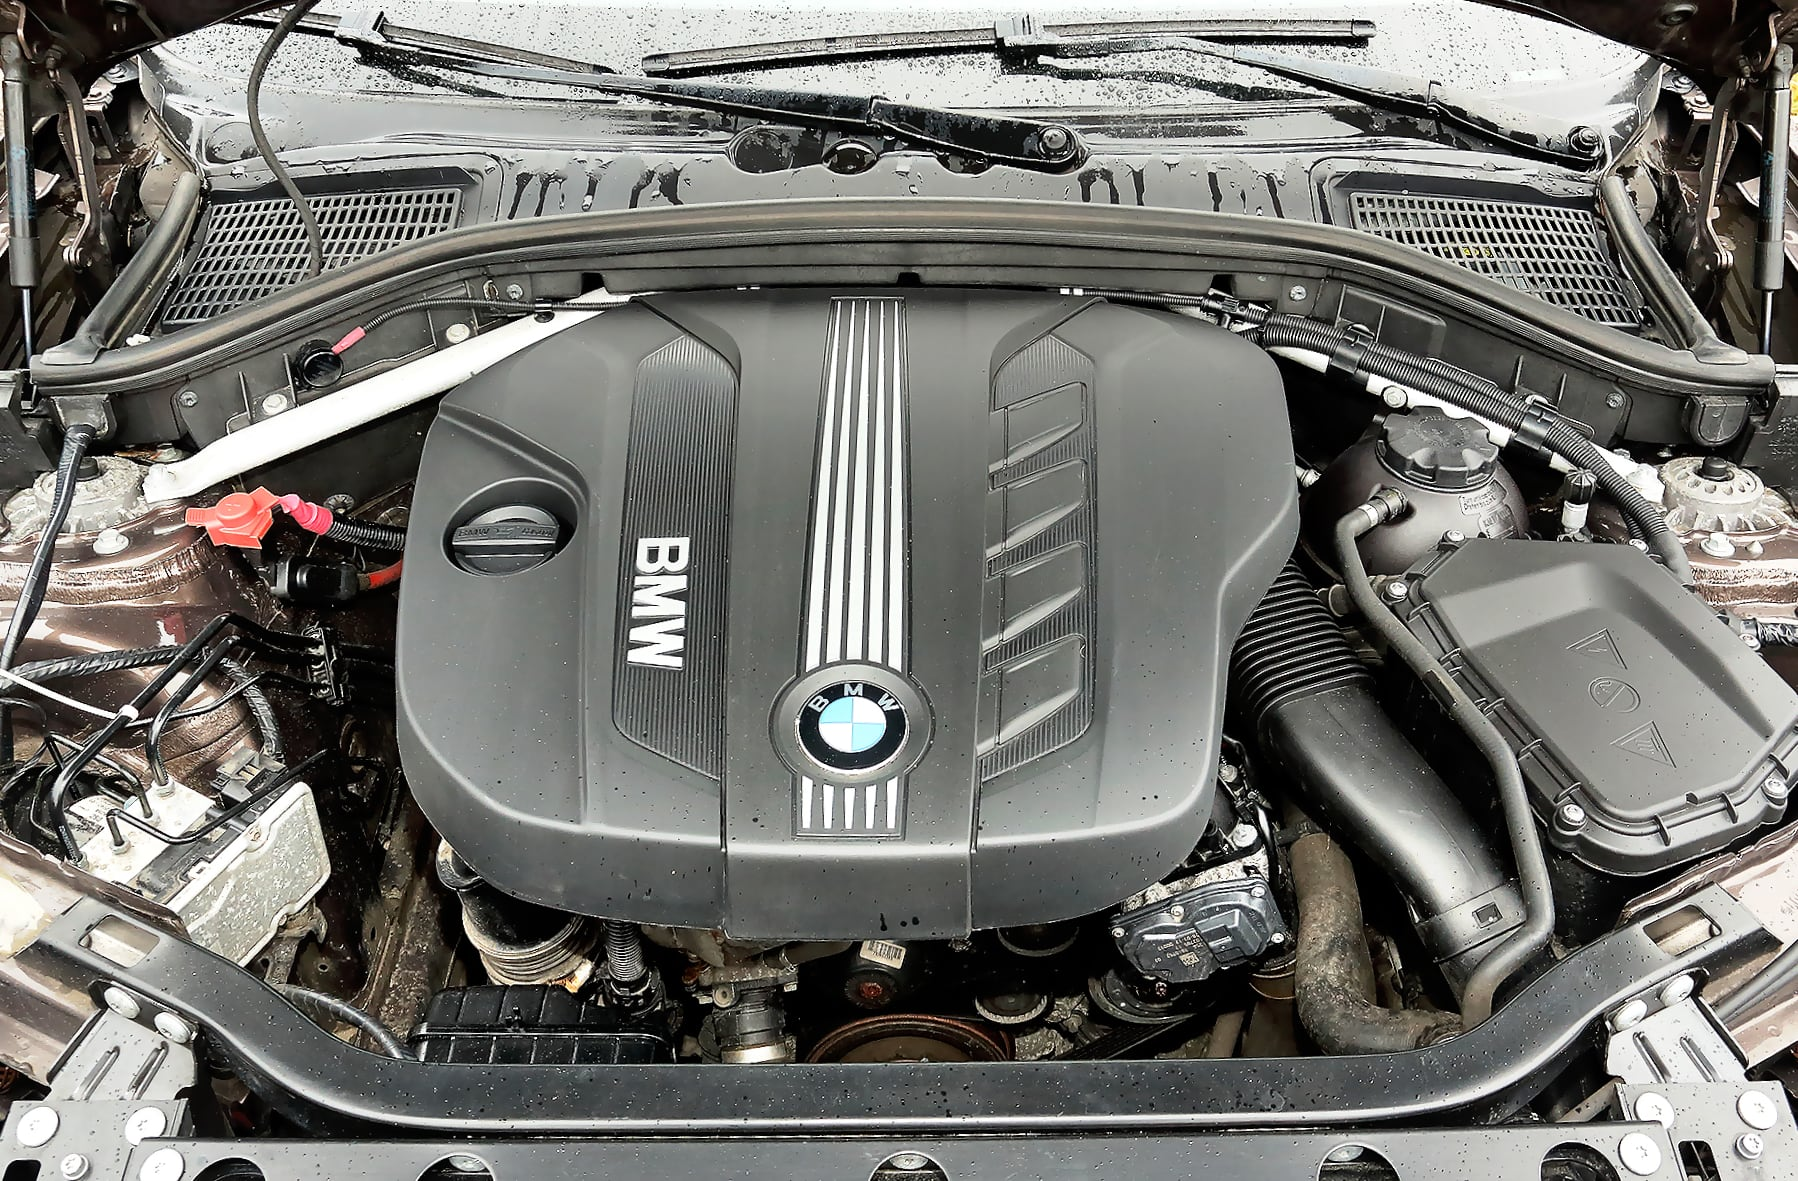 BMW_X3_xDrive20d_9